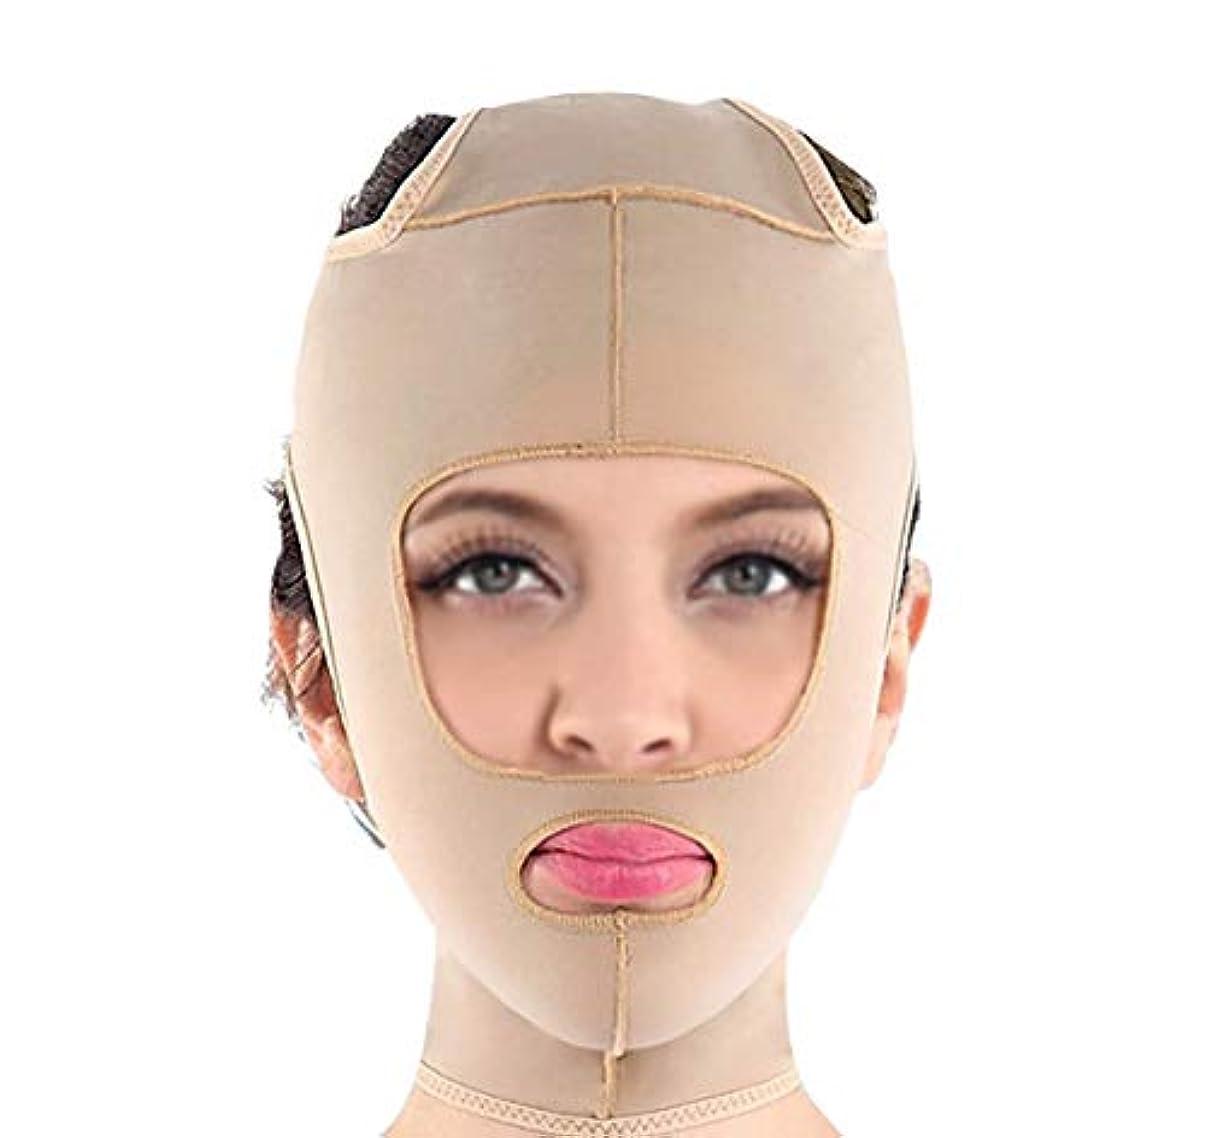 矩形どっちでもスペインフェイスリフティングマスクで肌をしっかりと保ち、顔の筋肉の垂れ下がりや顔の美しい輪郭の整形を防止します(サイズ:Xl),M